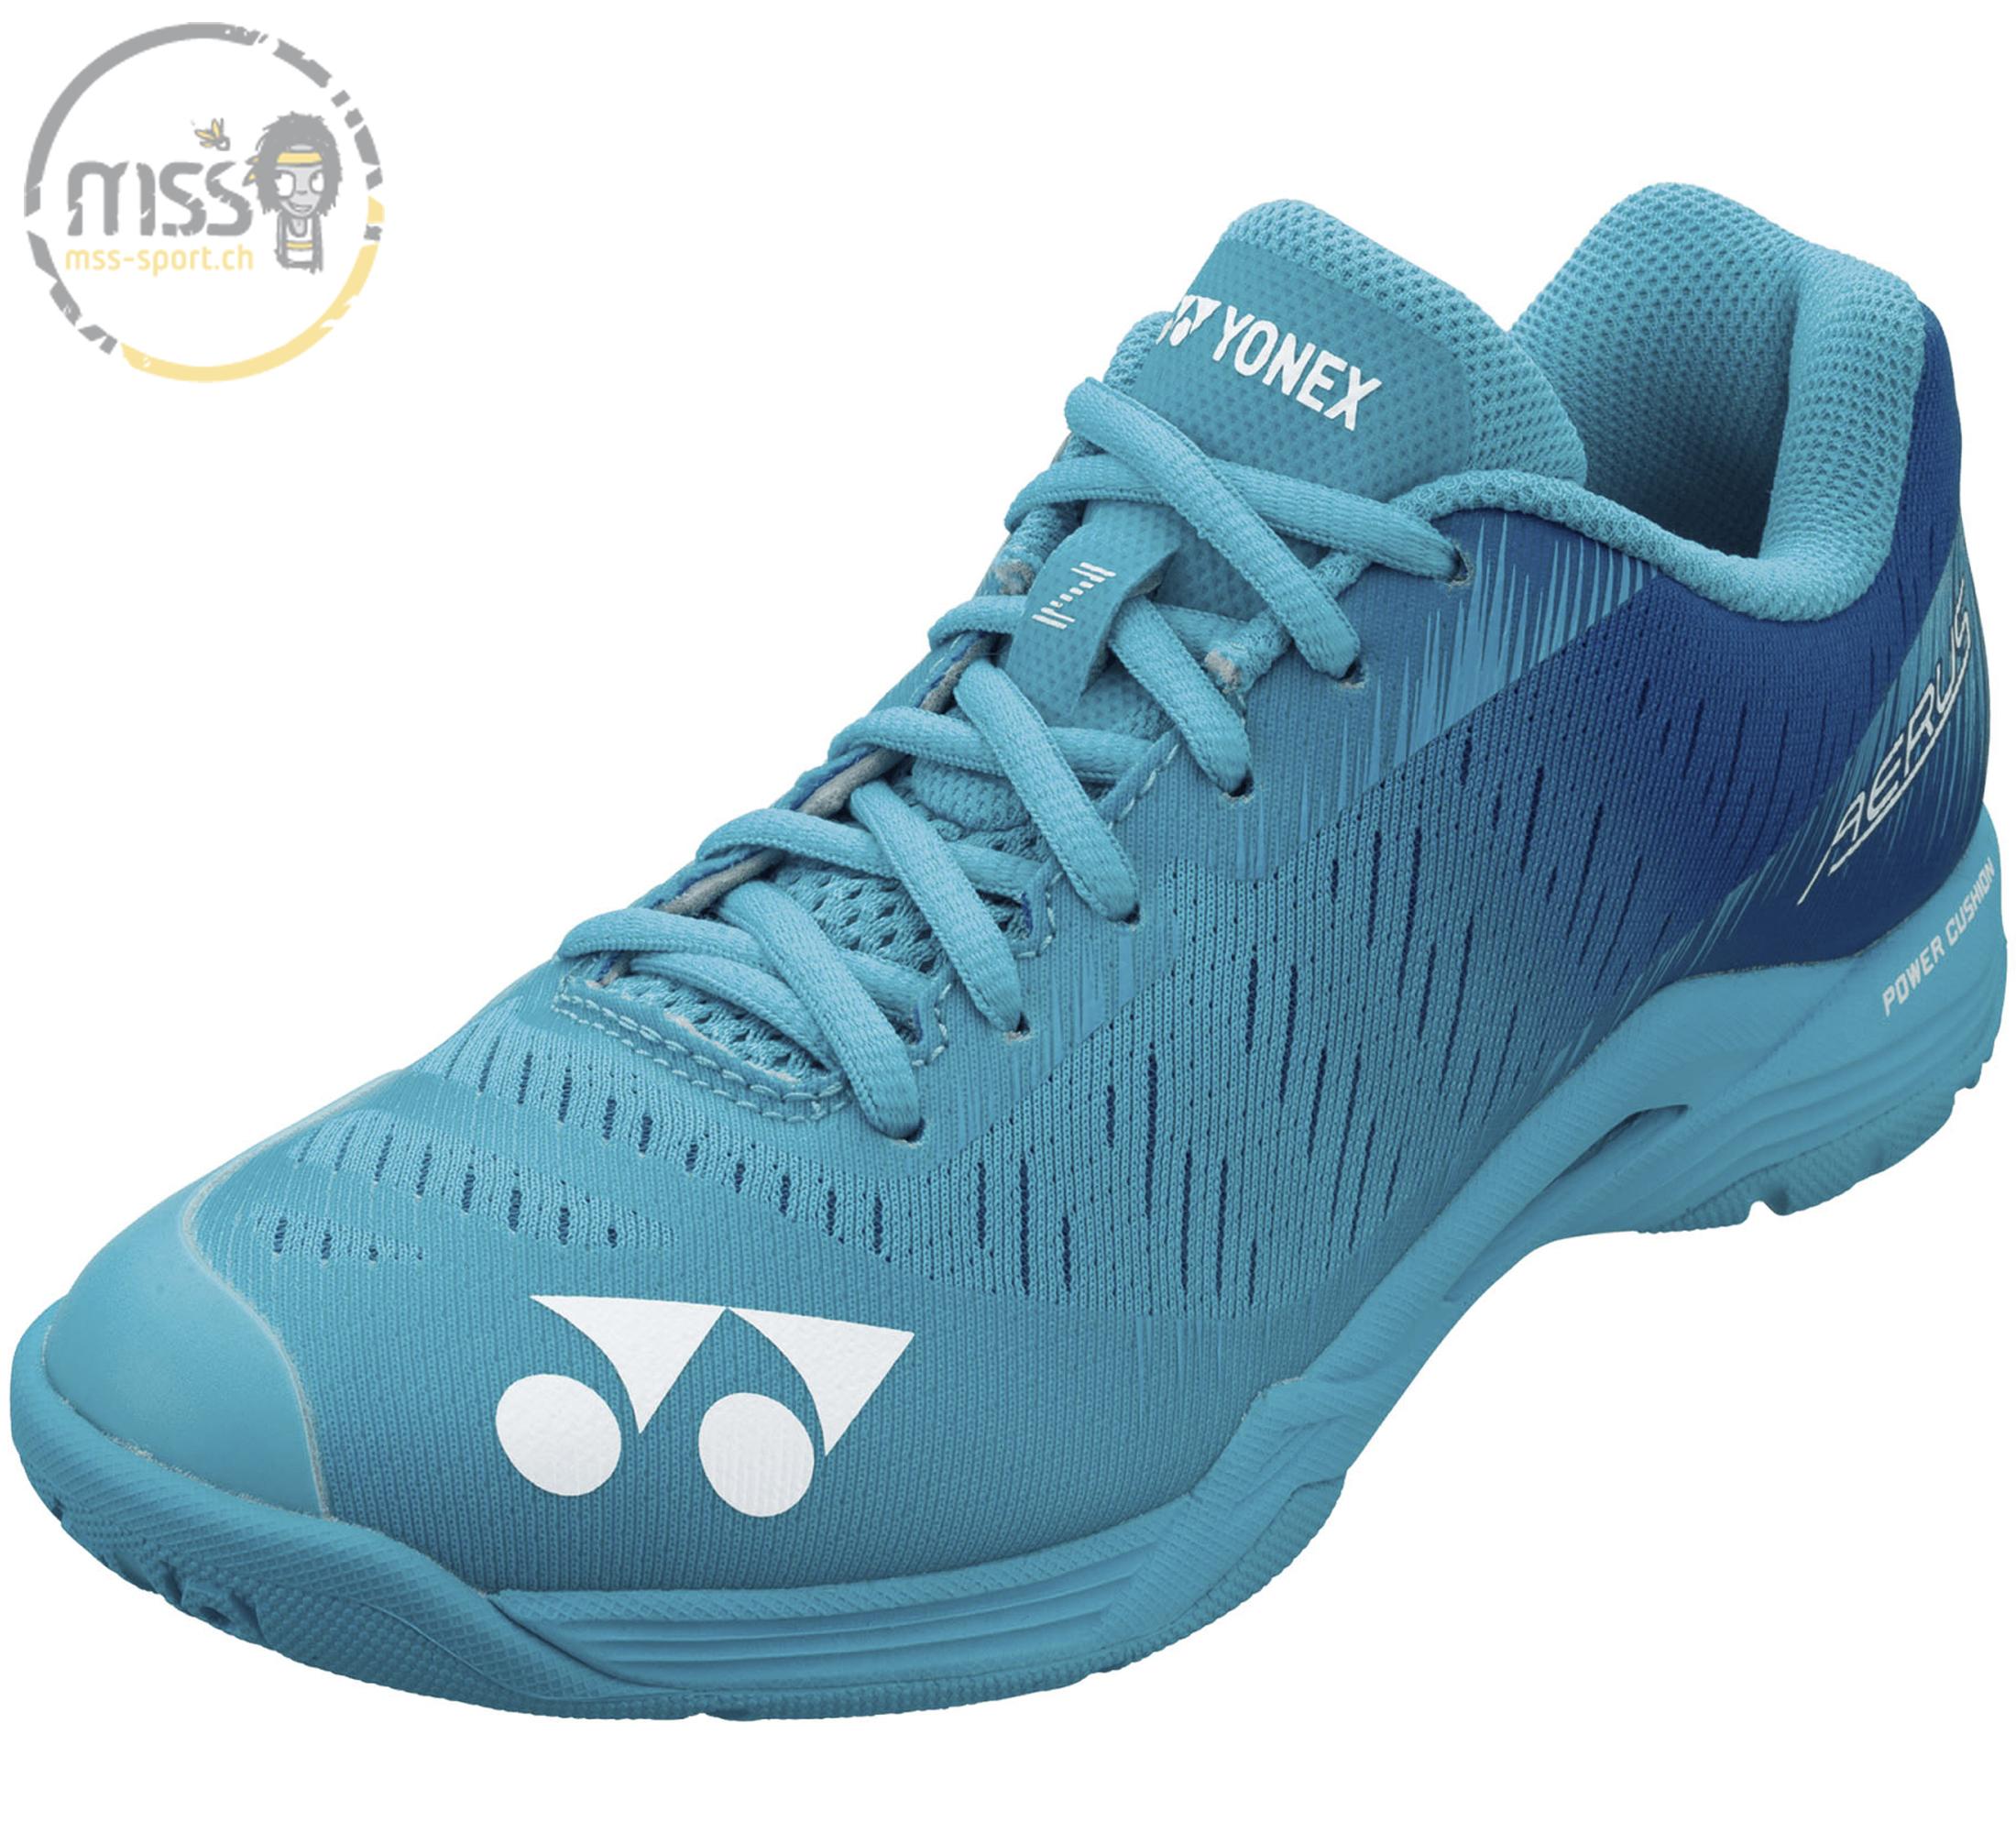 Yonex SHB Aerus Z mint blue Lady